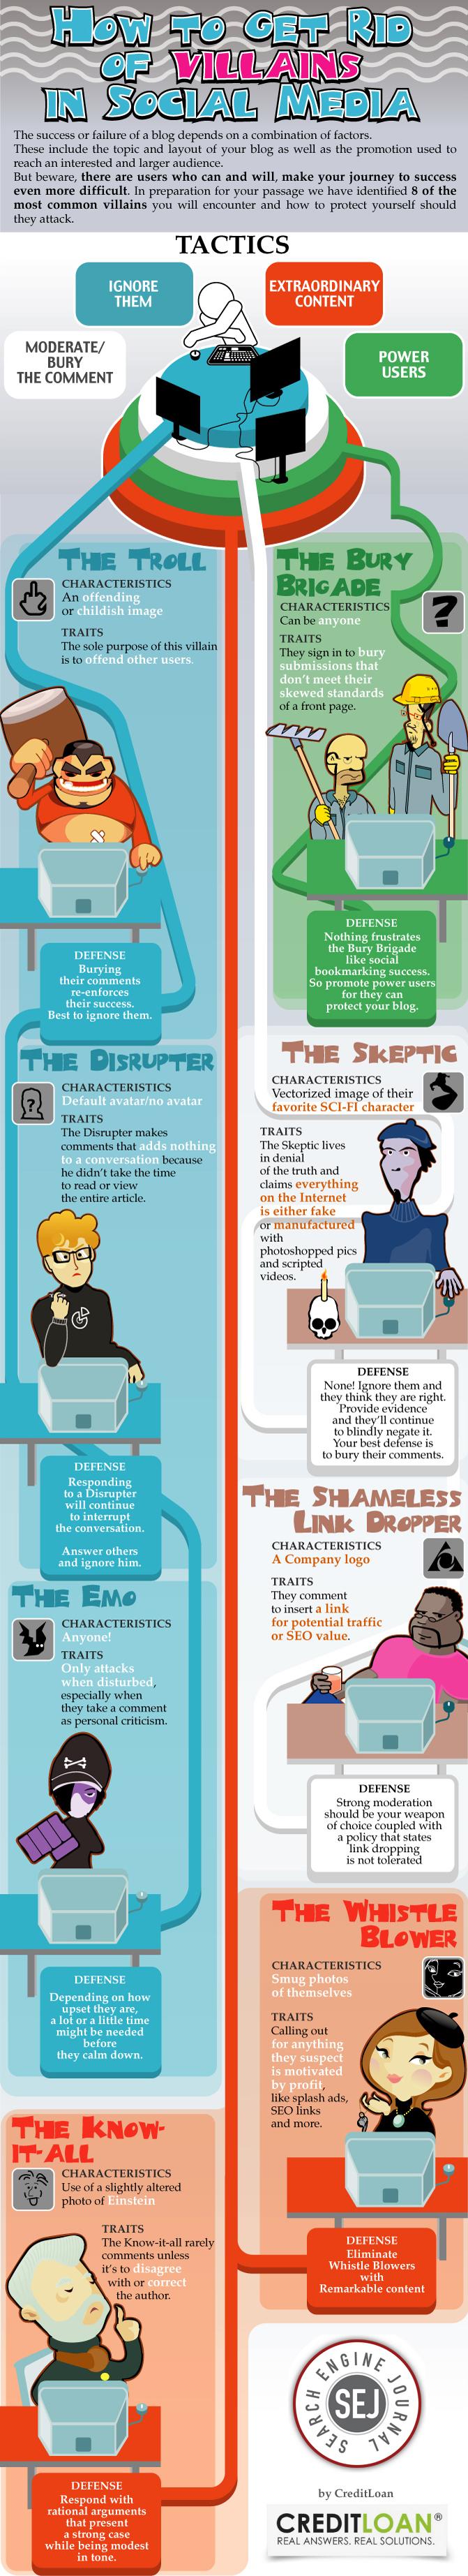 8-tipuri-de-personaje-suparatoare-social-media